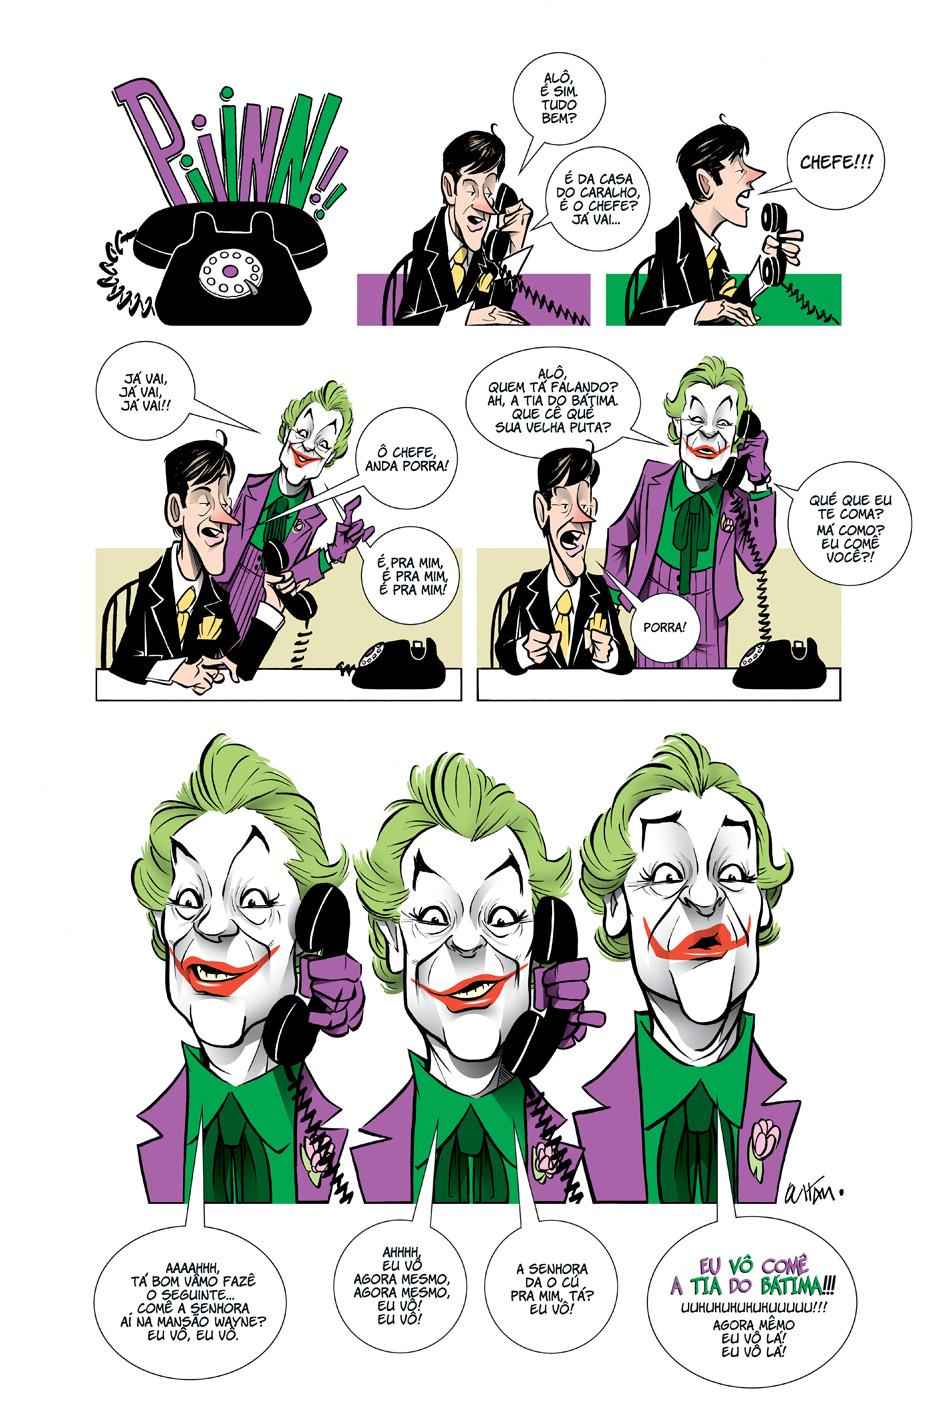 [Tópico Oficial] Batman na Feira da Fruta em Quadrinhos - Página 3 Feira+da+fruta+fruta+22